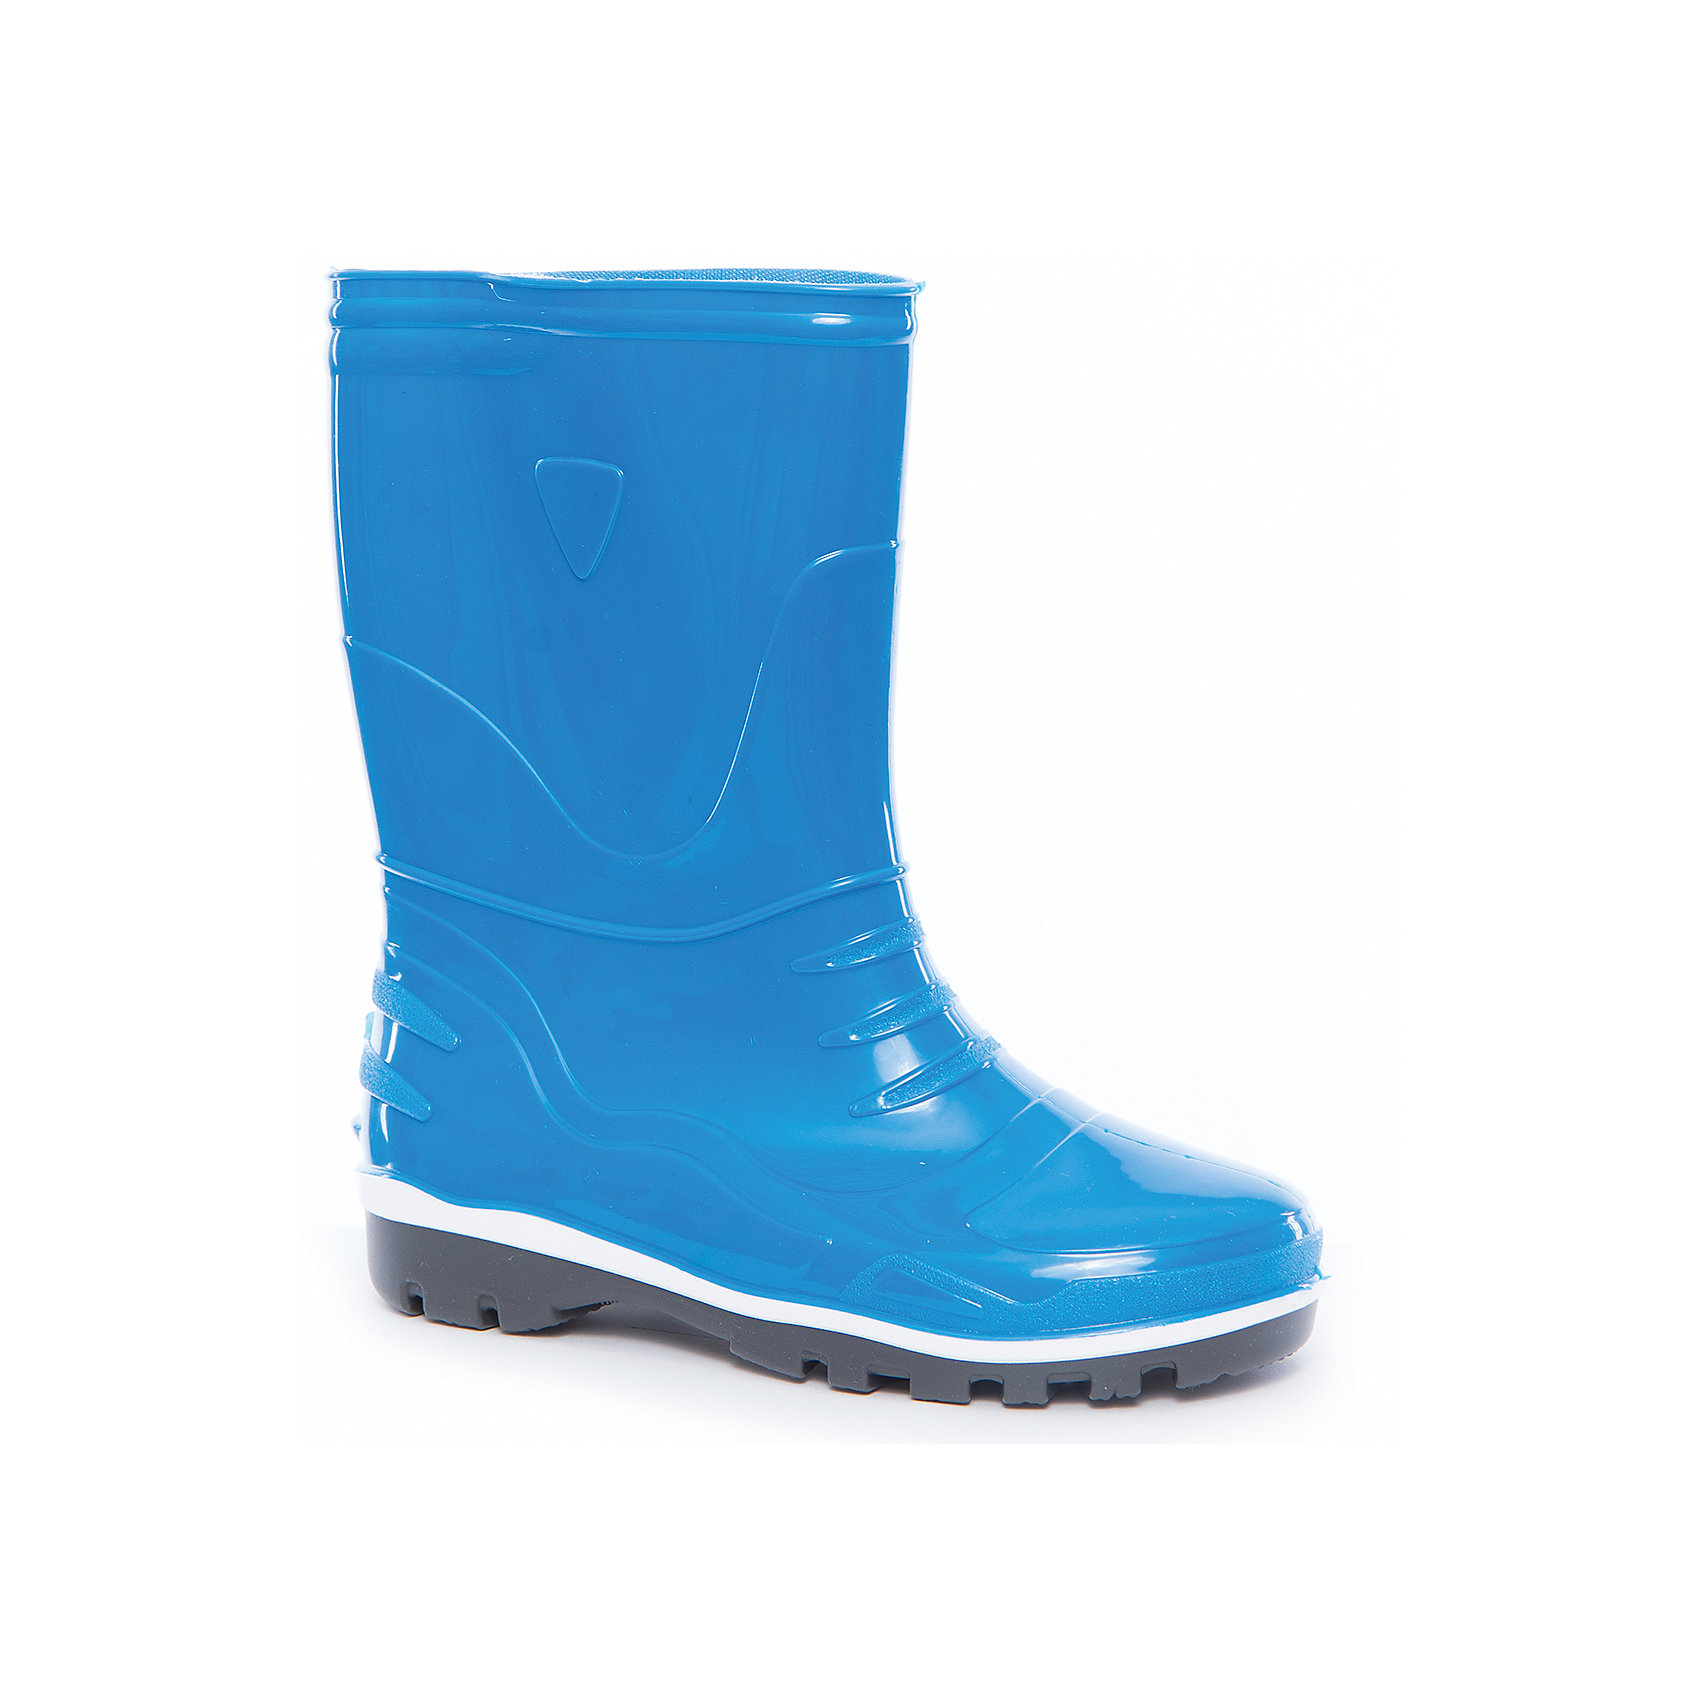 Резиновые сапоги NordmanРезиновые сапоги<br>Характеристики товара:<br><br>• цвет: голубой<br>• внешний материал: ПВХ (PVC)<br>• внутренний материал: текстиль<br>• стелька: текстиль<br>• подошва: резина<br>• температурный режим: от +5°С до +20°С<br>• голенище средней высоты<br>• лёгкие<br>• без принта<br>• рельефная толстая подошва<br>• устойчивые<br>• не промокают<br>• страна бренда: Российская Федерация<br>• страна изготовитель: Российская Федерация<br><br>Когда на улице сыро, резиновые сапоги - необходимый атрибут для ребенка. Эта модель отличается удобной формой и устойчивой толстой подошвой - так ноги точно останутся в сухости и тепле. Отличный вариант качественной обуви от отечественного производителя!<br><br>Резиновые сапоги от российского бренда Nordman (Нордман) можно купить в нашем интернет-магазине.<br><br>Ширина мм: 237<br>Глубина мм: 180<br>Высота мм: 152<br>Вес г: 438<br>Цвет: синий<br>Возраст от месяцев: 132<br>Возраст до месяцев: 144<br>Пол: Мужской<br>Возраст: Детский<br>Размер: 35,29,30,31,34,23,26,27,33,24<br>SKU: 5436655